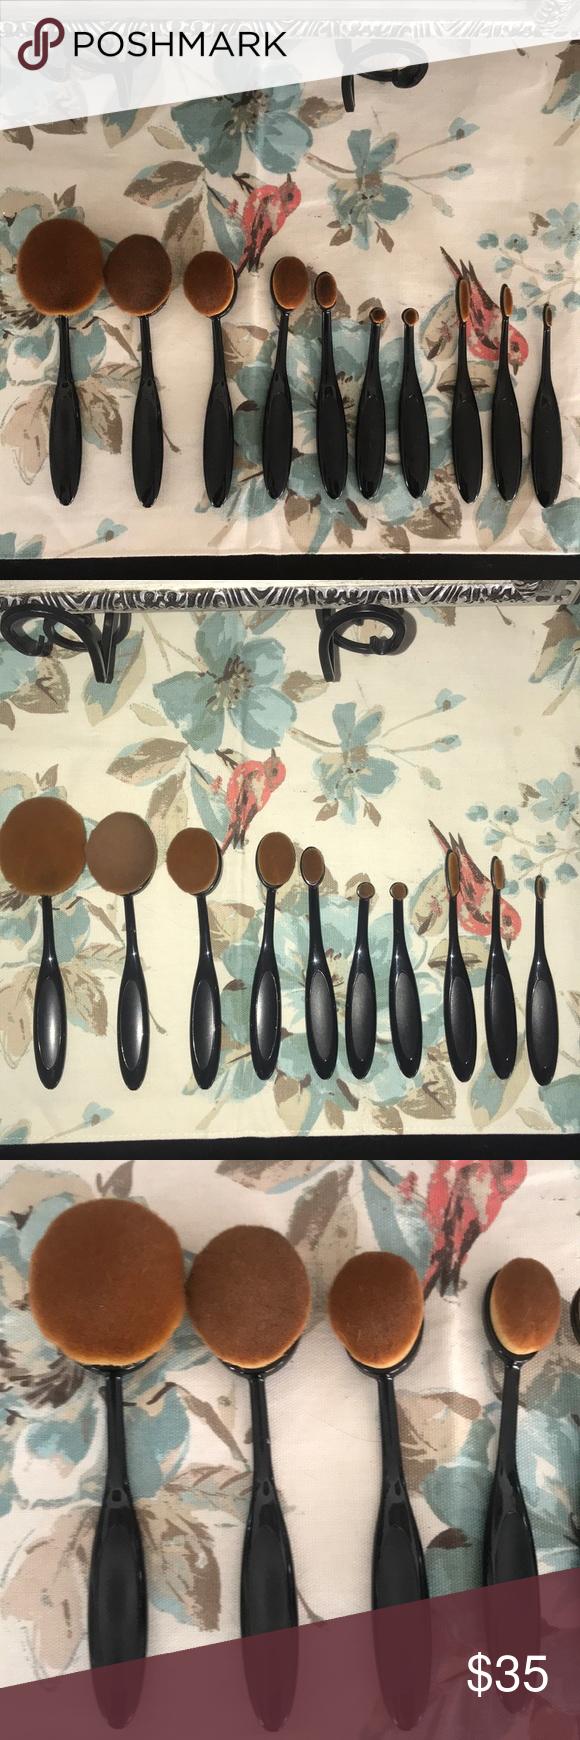 Roxy bag w/set of makeup brushes Makeup brushes, Makeup